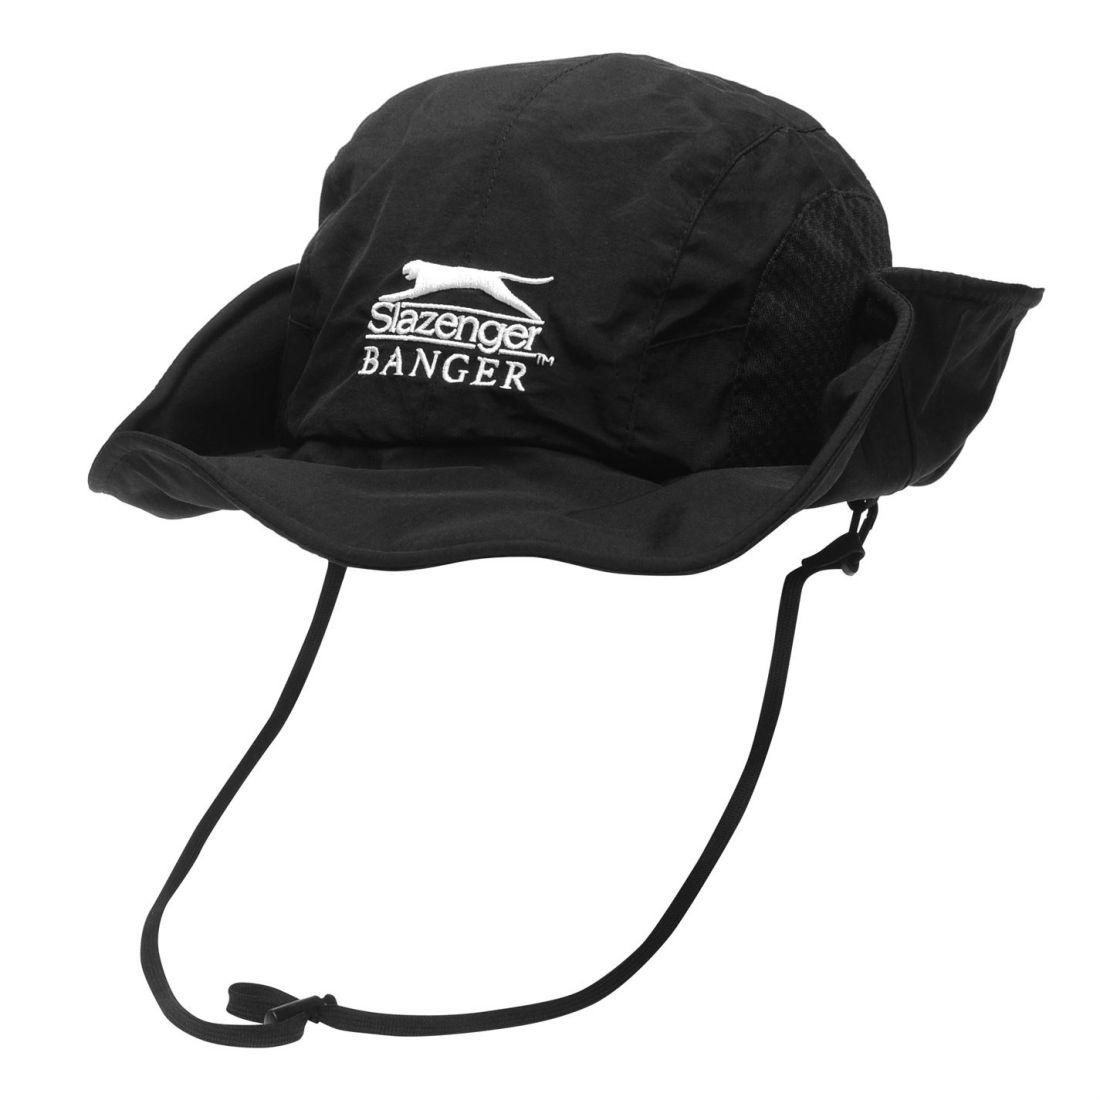 Slazenger Banger Unisex Panama Hat  ac1c17518ba9